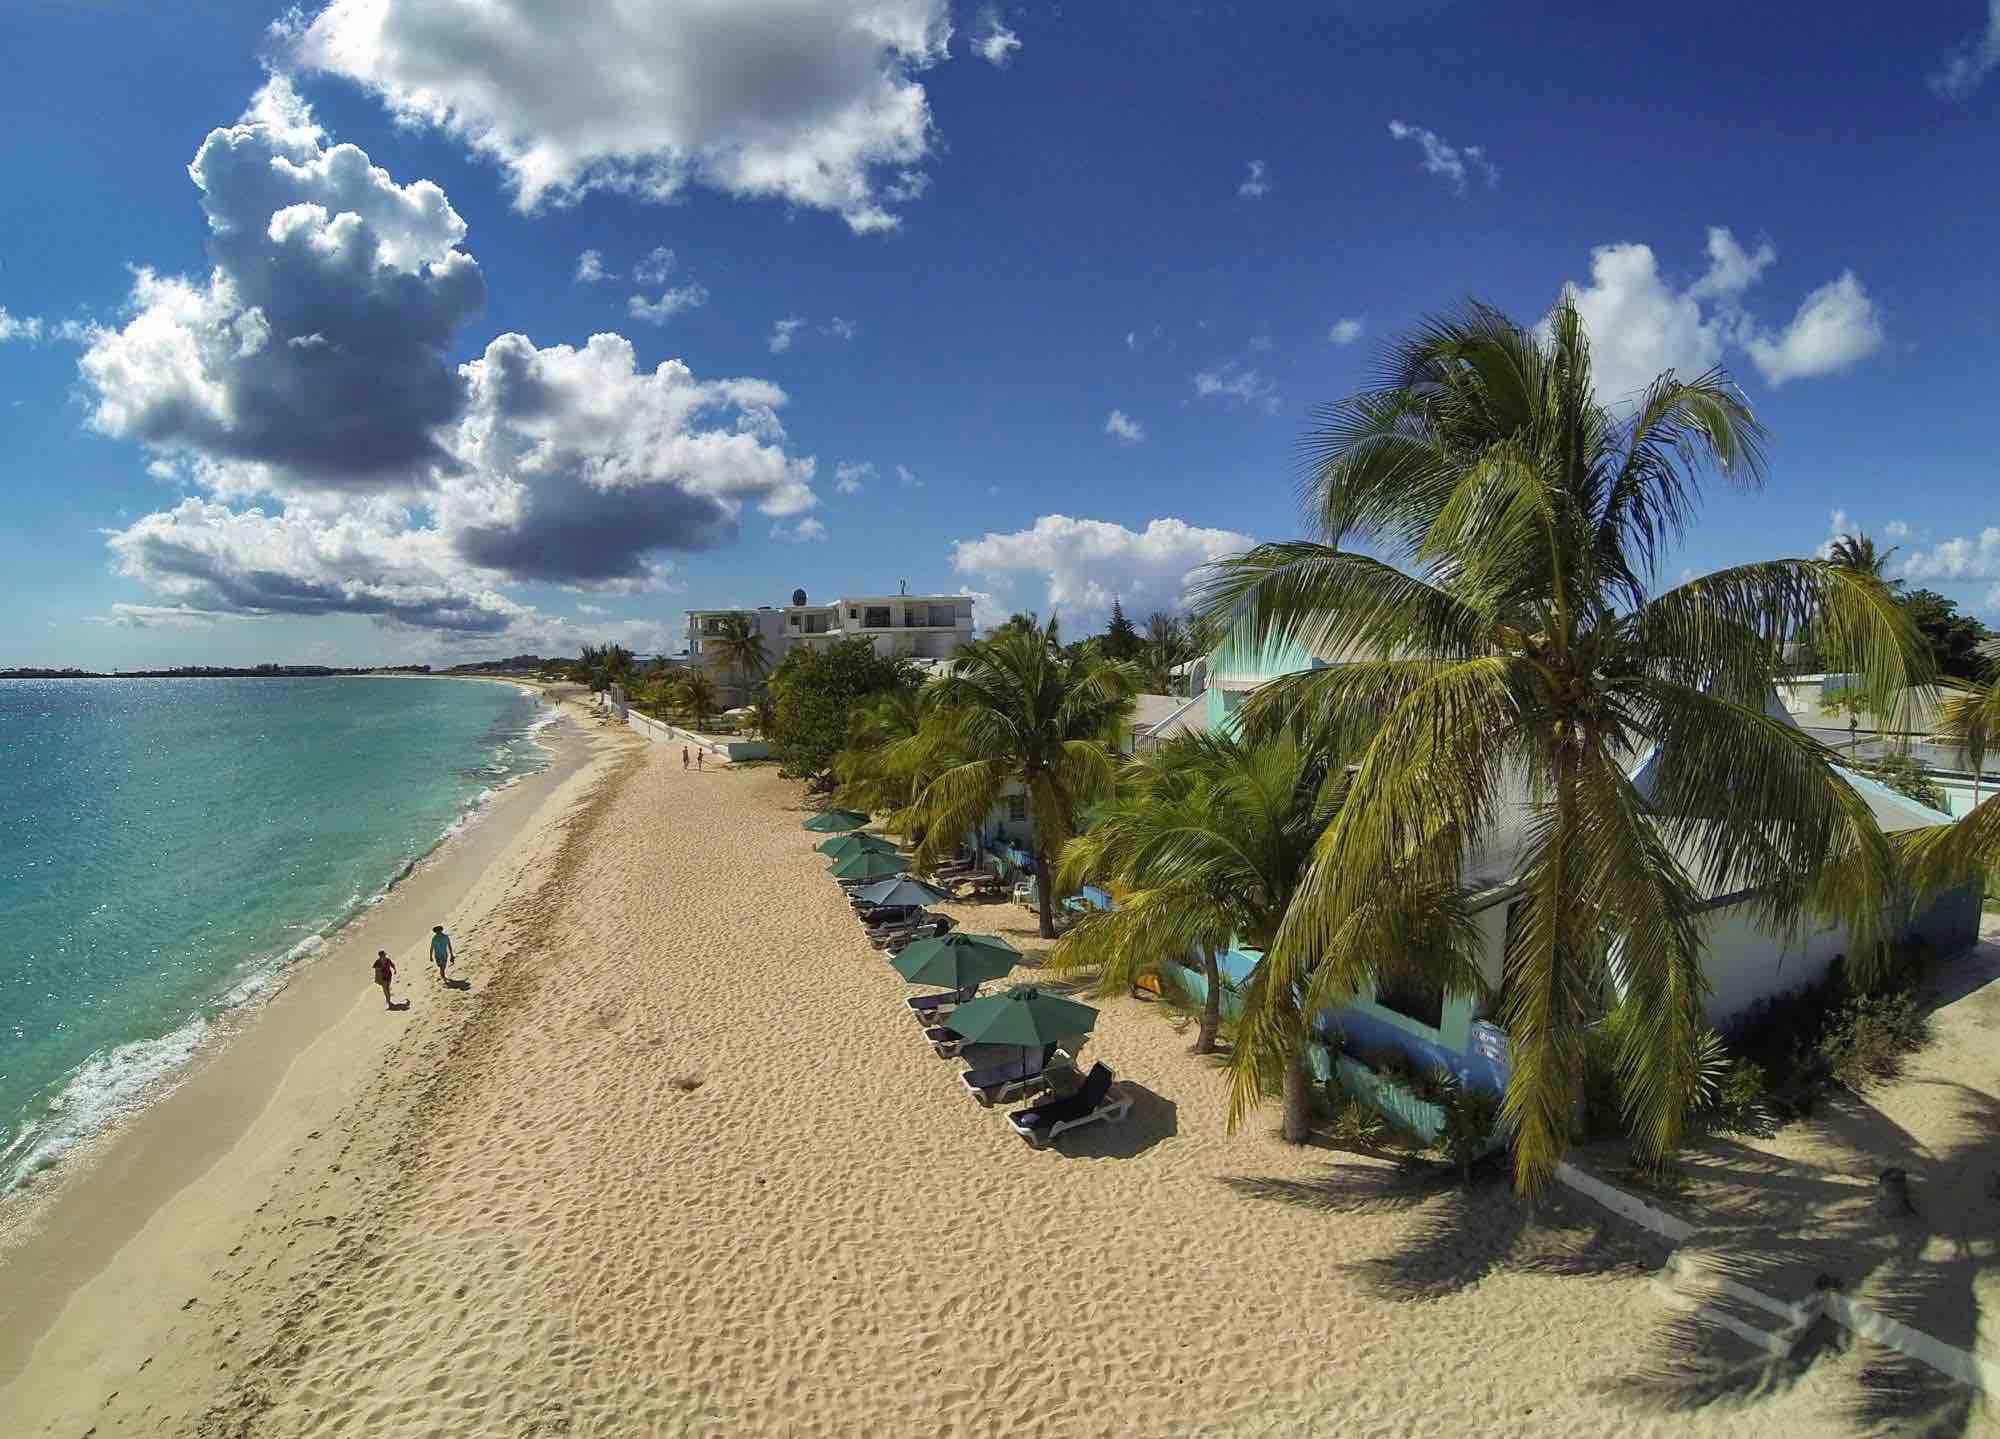 Azure Hotel and Art Studio beach view